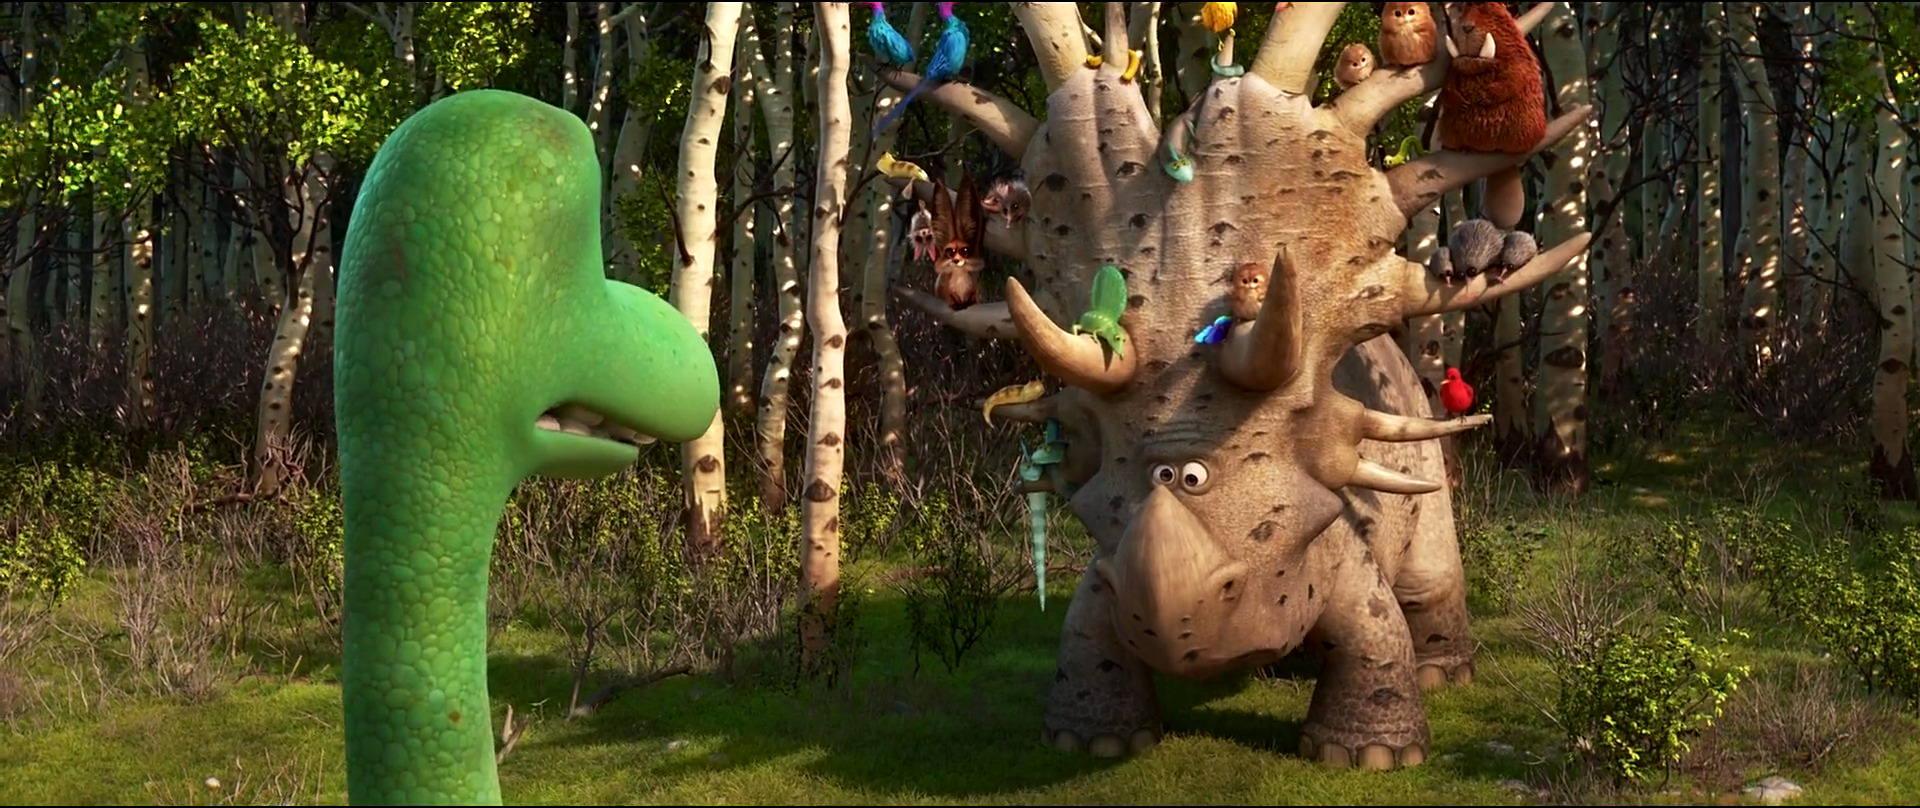 le collectionneur personnage dans le voyage d arlo pixar planet fr. Black Bedroom Furniture Sets. Home Design Ideas